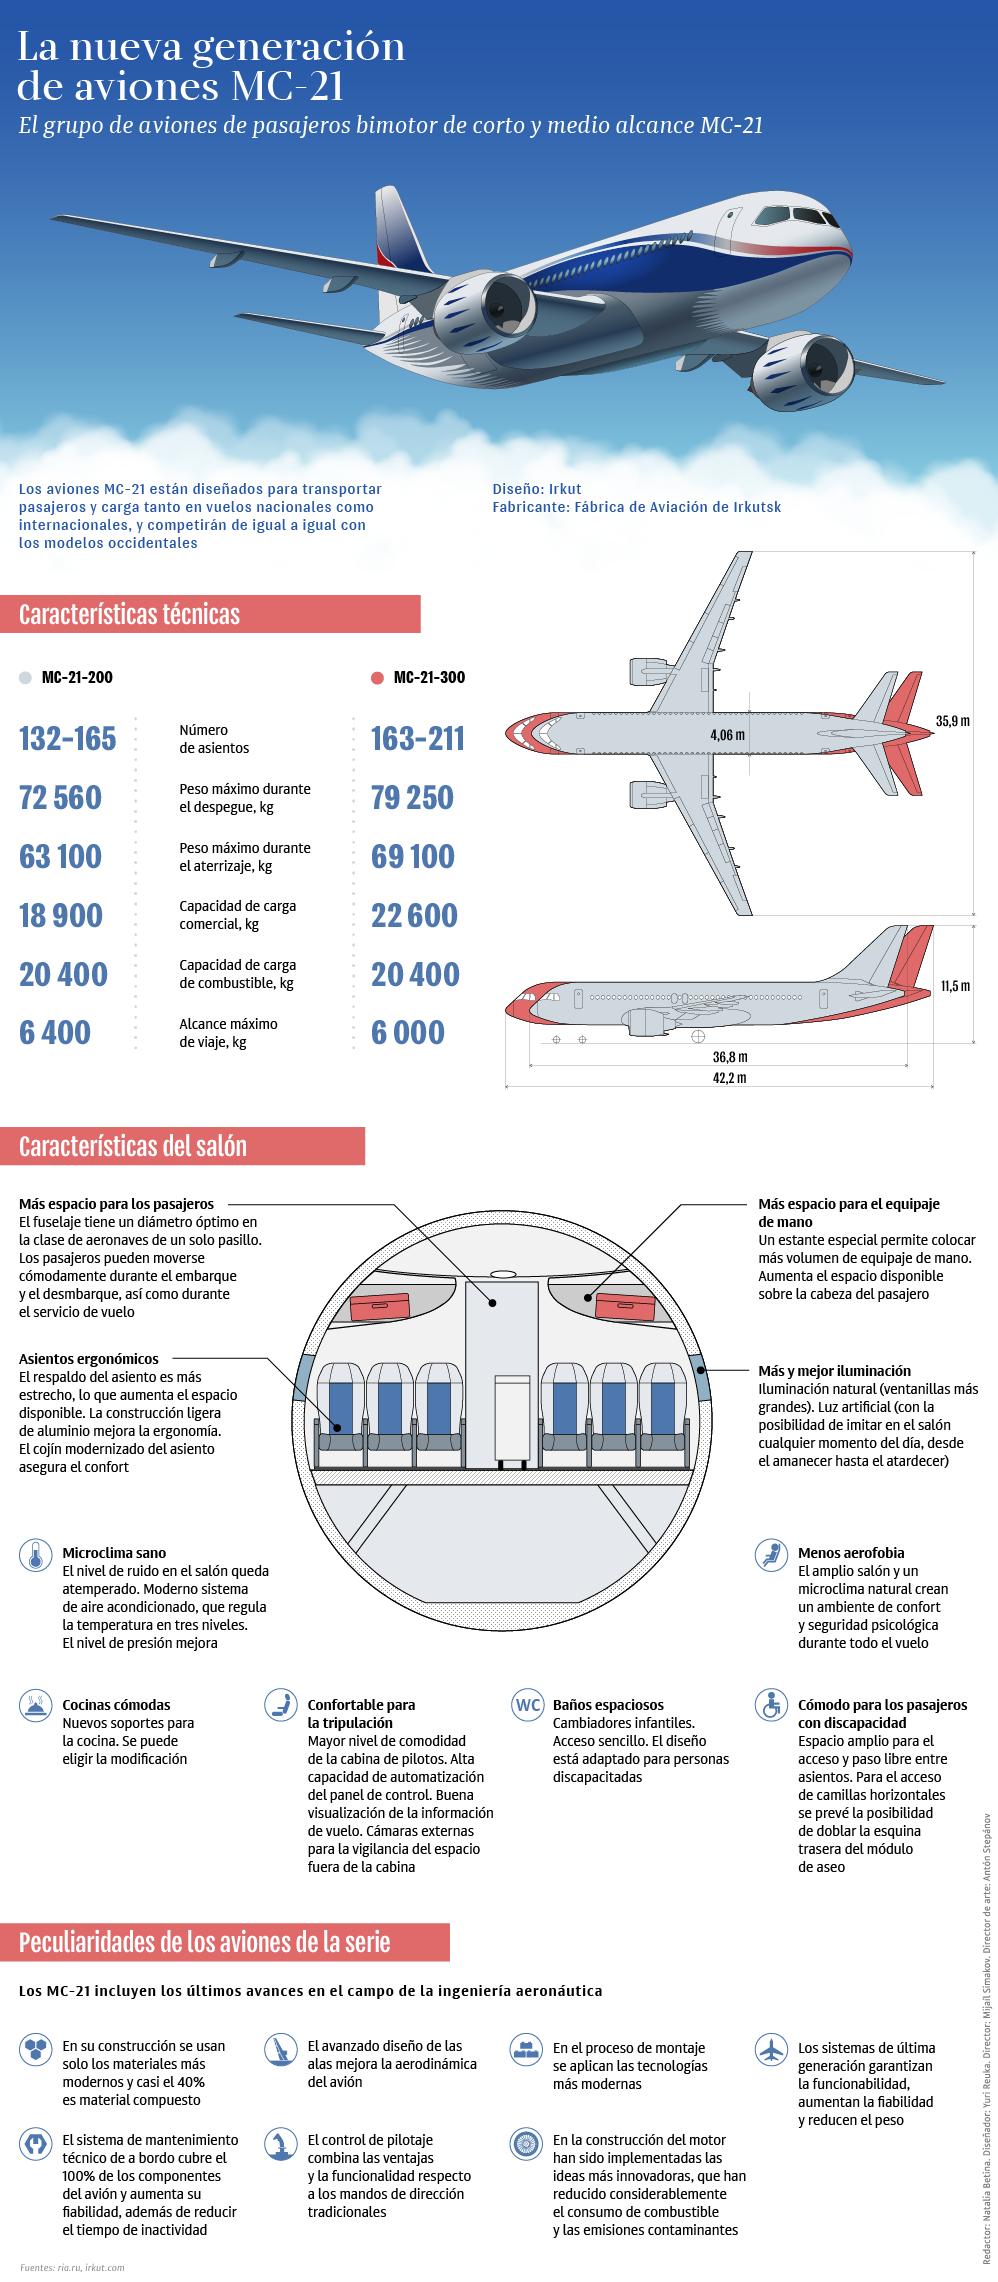 Nuevo avión ruso MC-21 - Sputnik Mundo